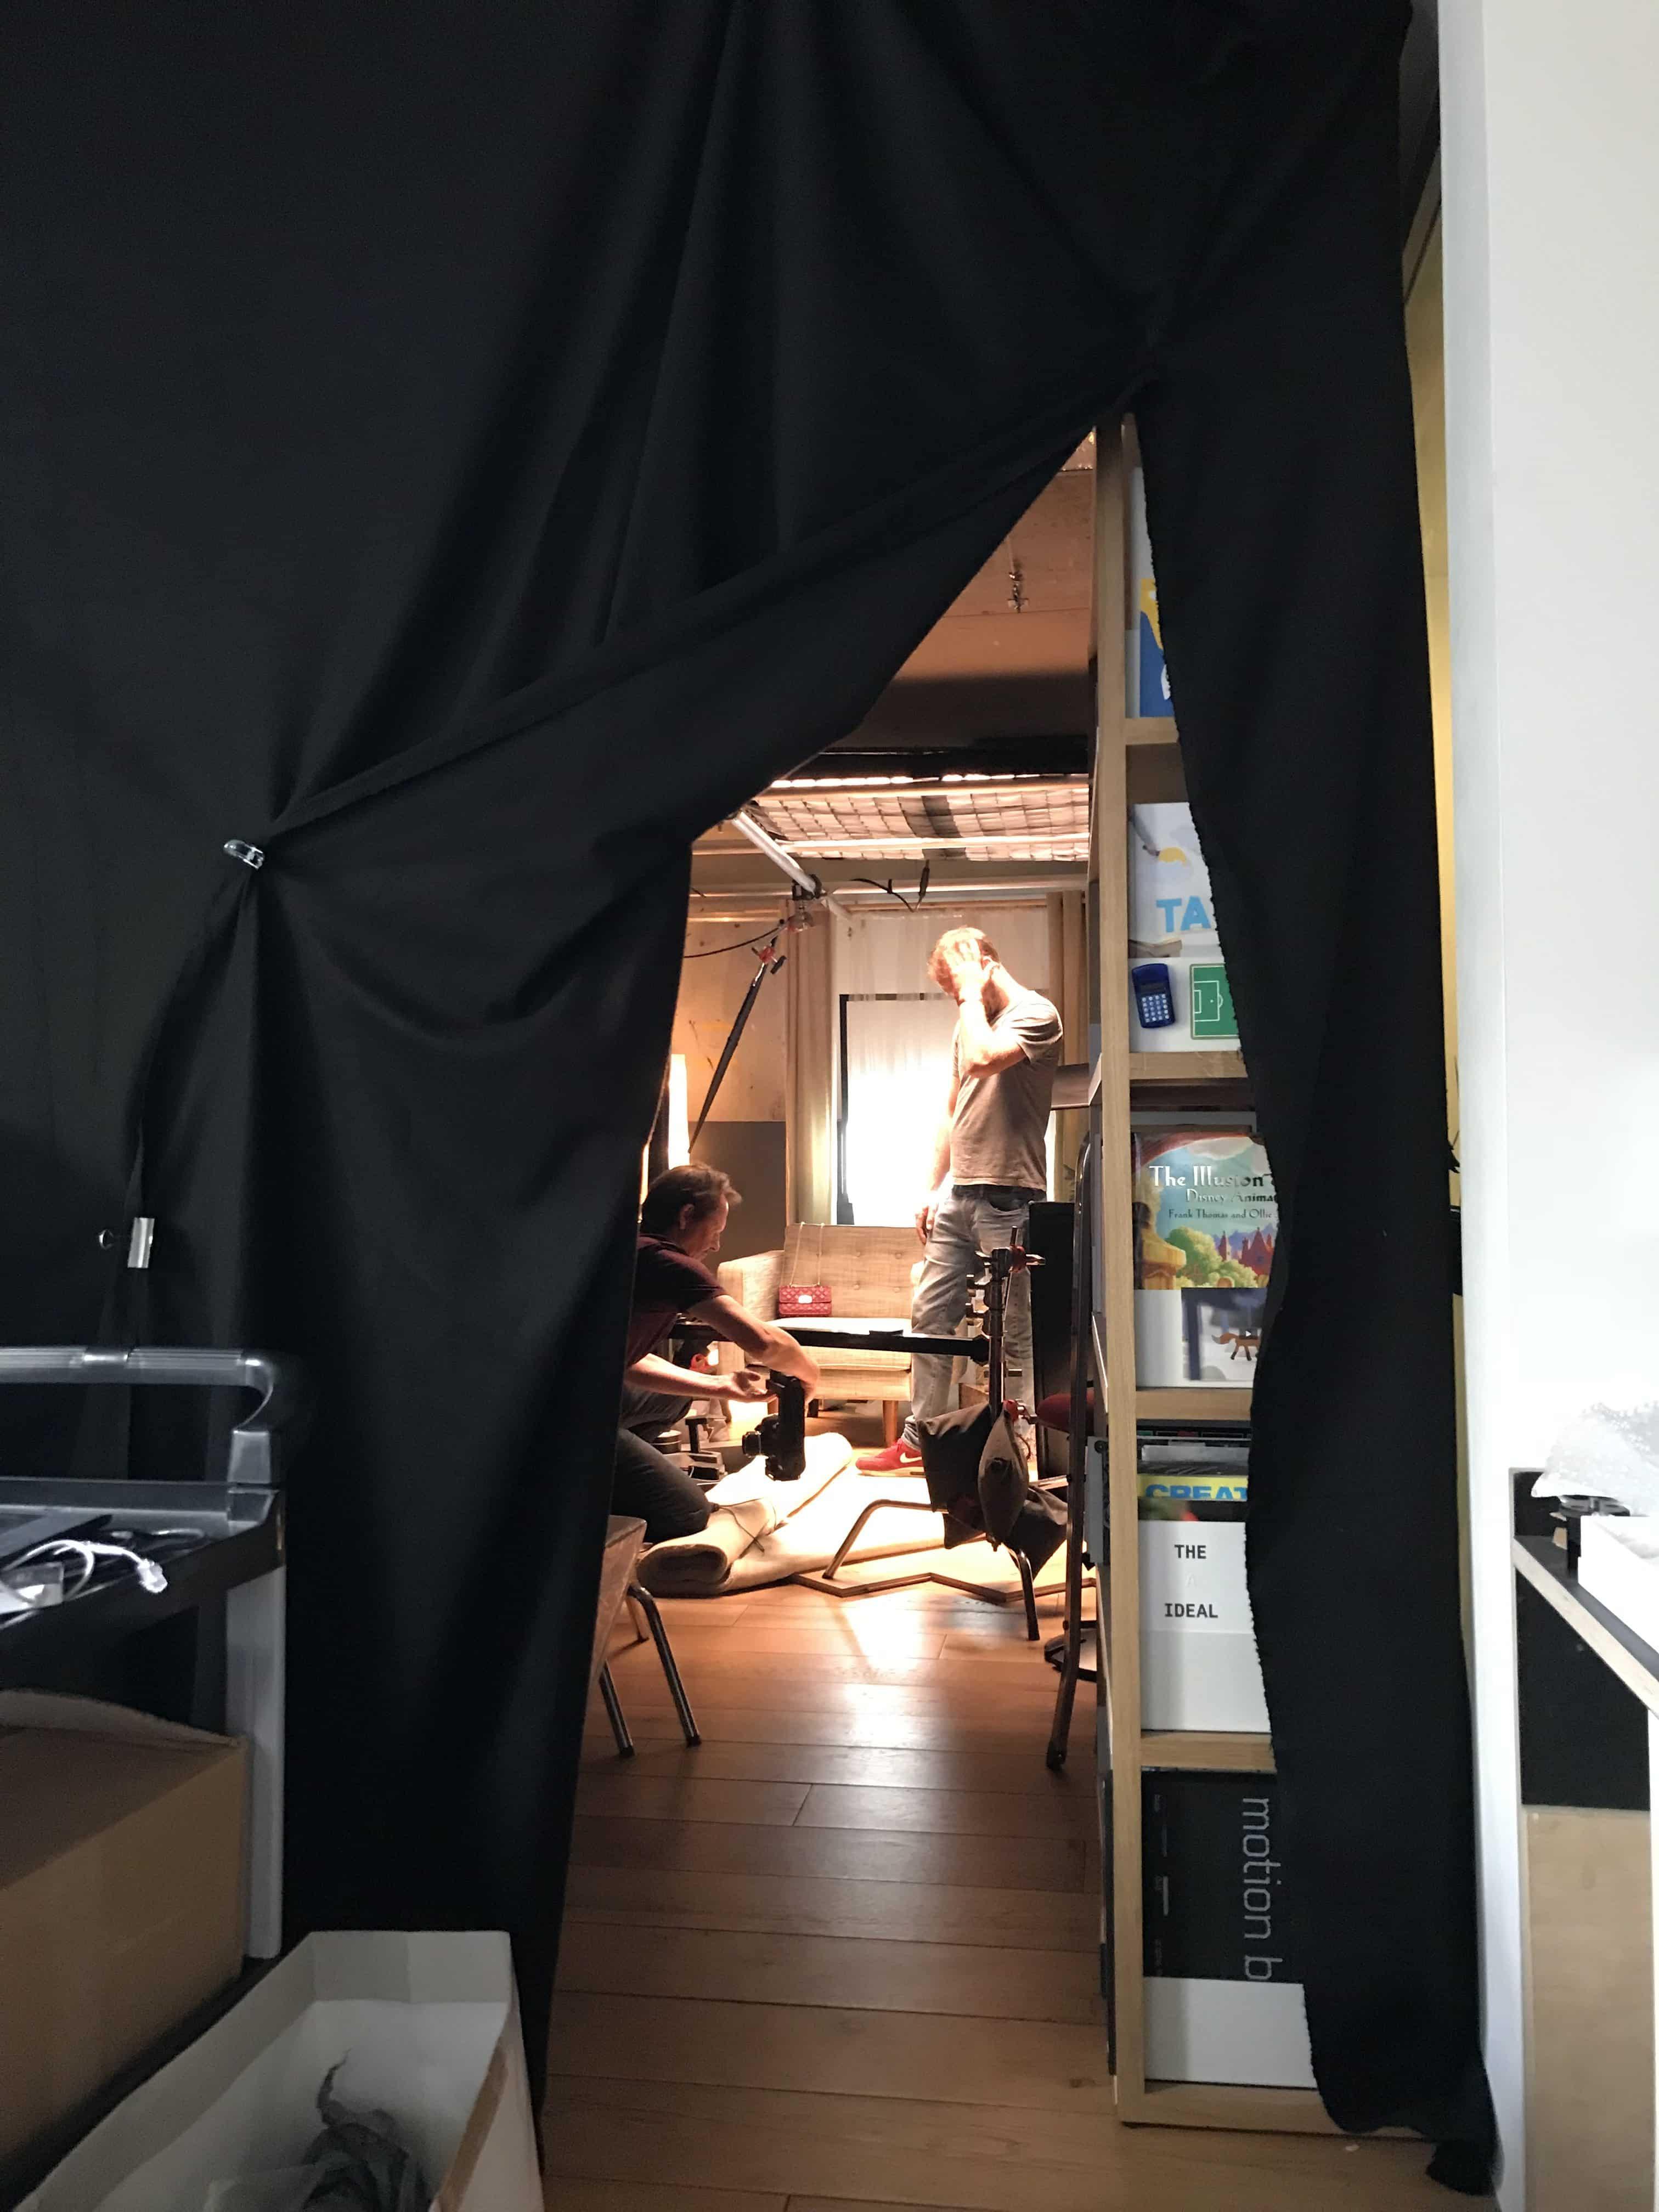 Behind the scenes set